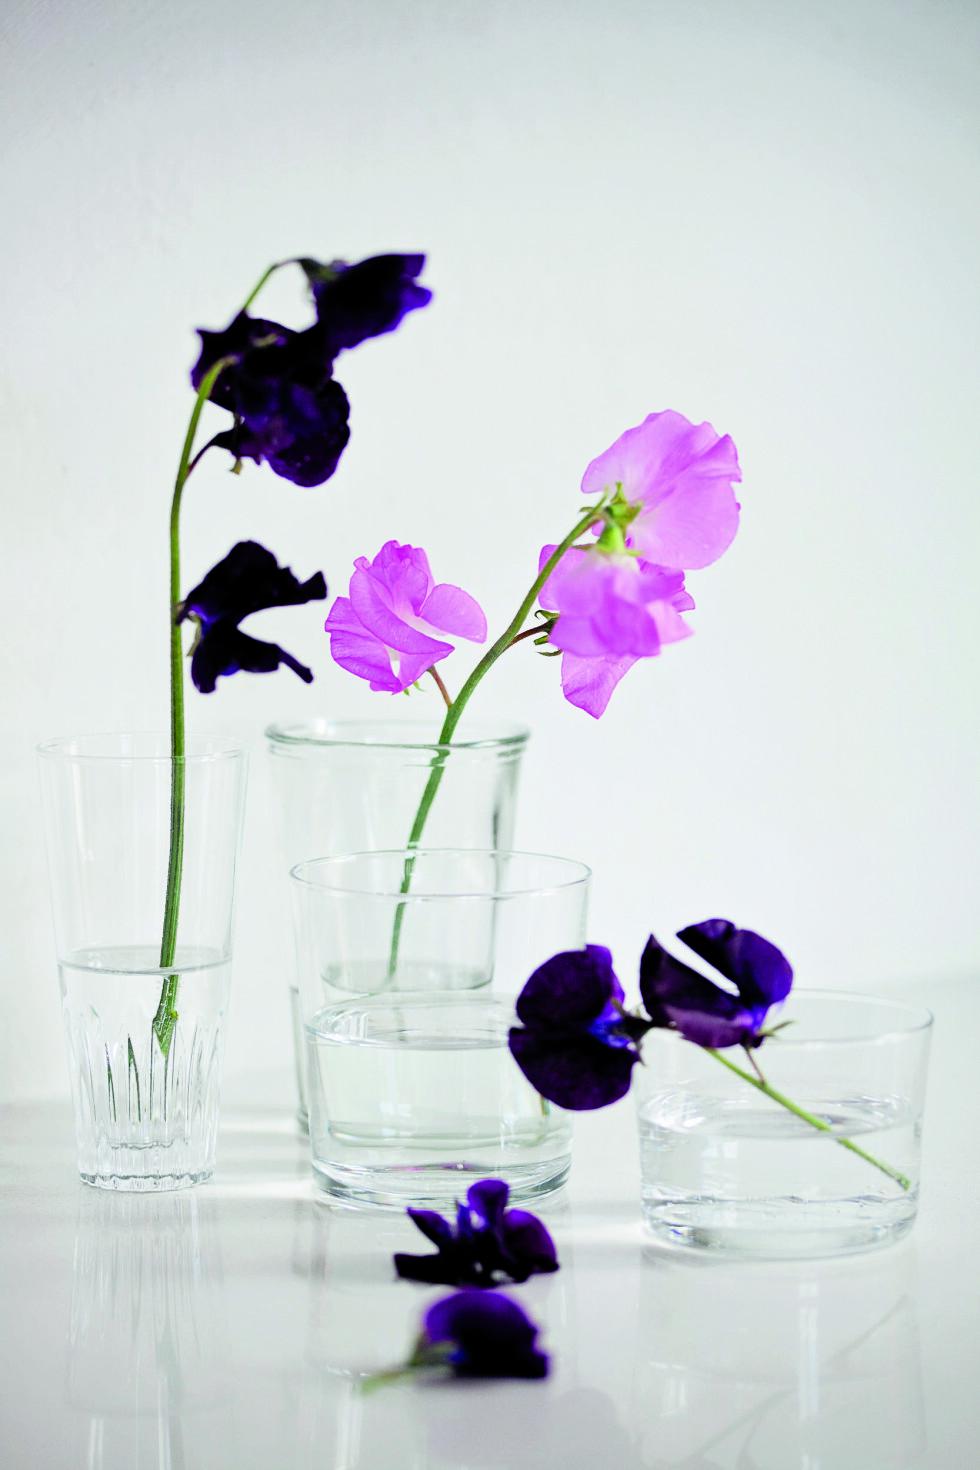 <strong>BRUK KJØKKENGLASSENE:</strong> Det gir et rent og fint uttrykk, og alt fokuset blir på selve blomstene.  Foto: Jorunn Tharaldsen